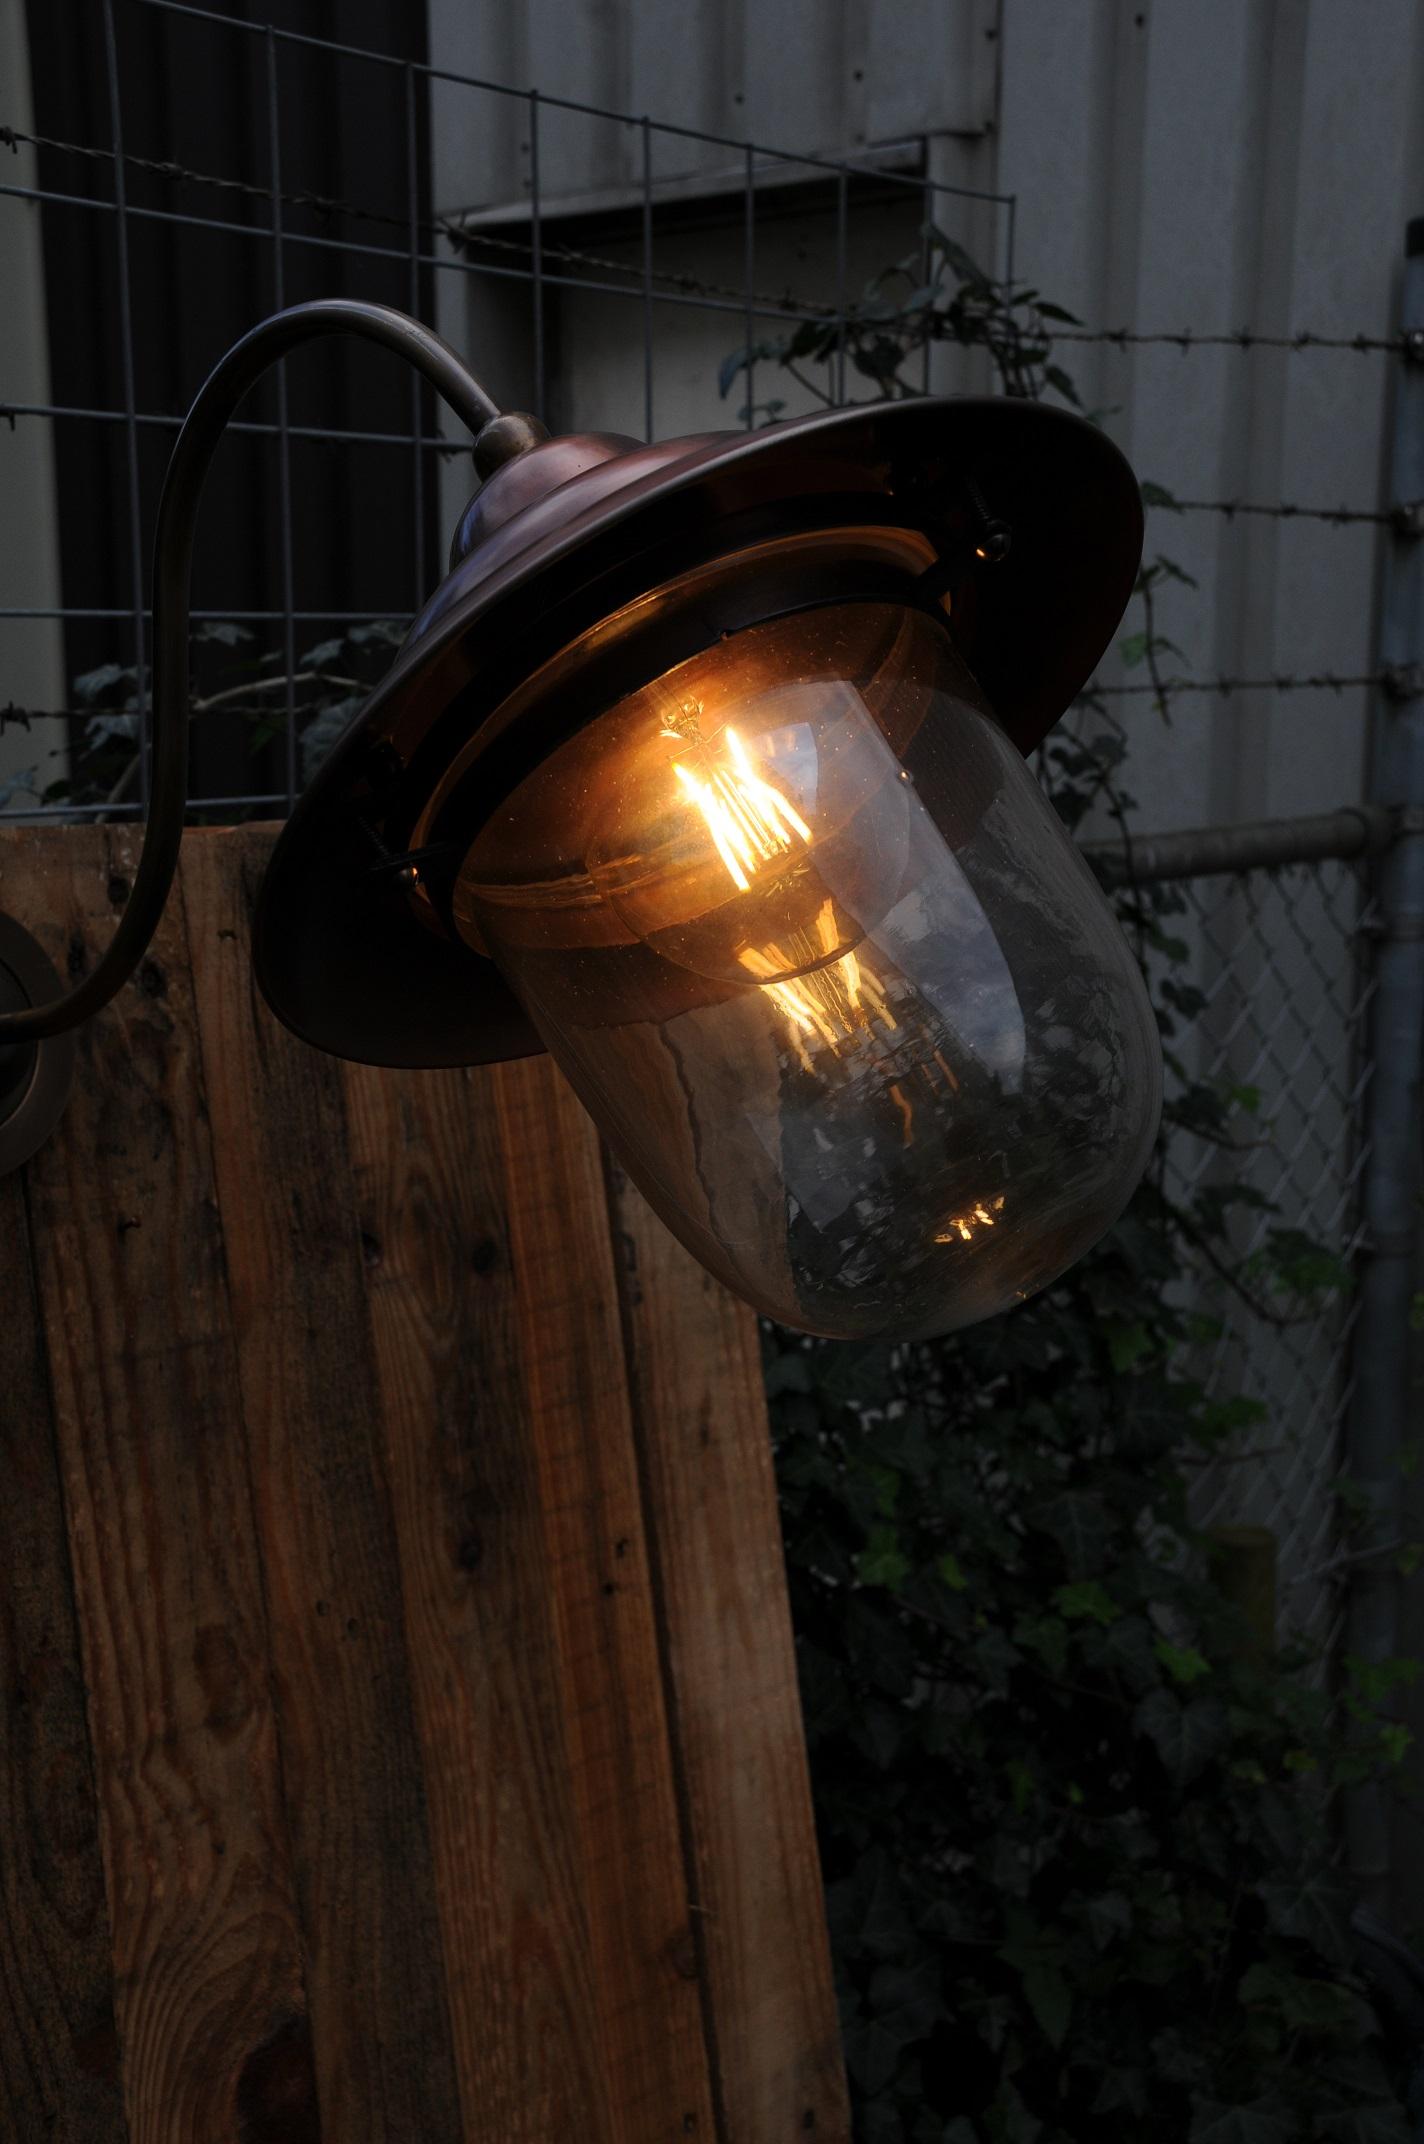 Verrassend Retro wandlamp, van koper en messing, mooie zware buitenlamp CK-13